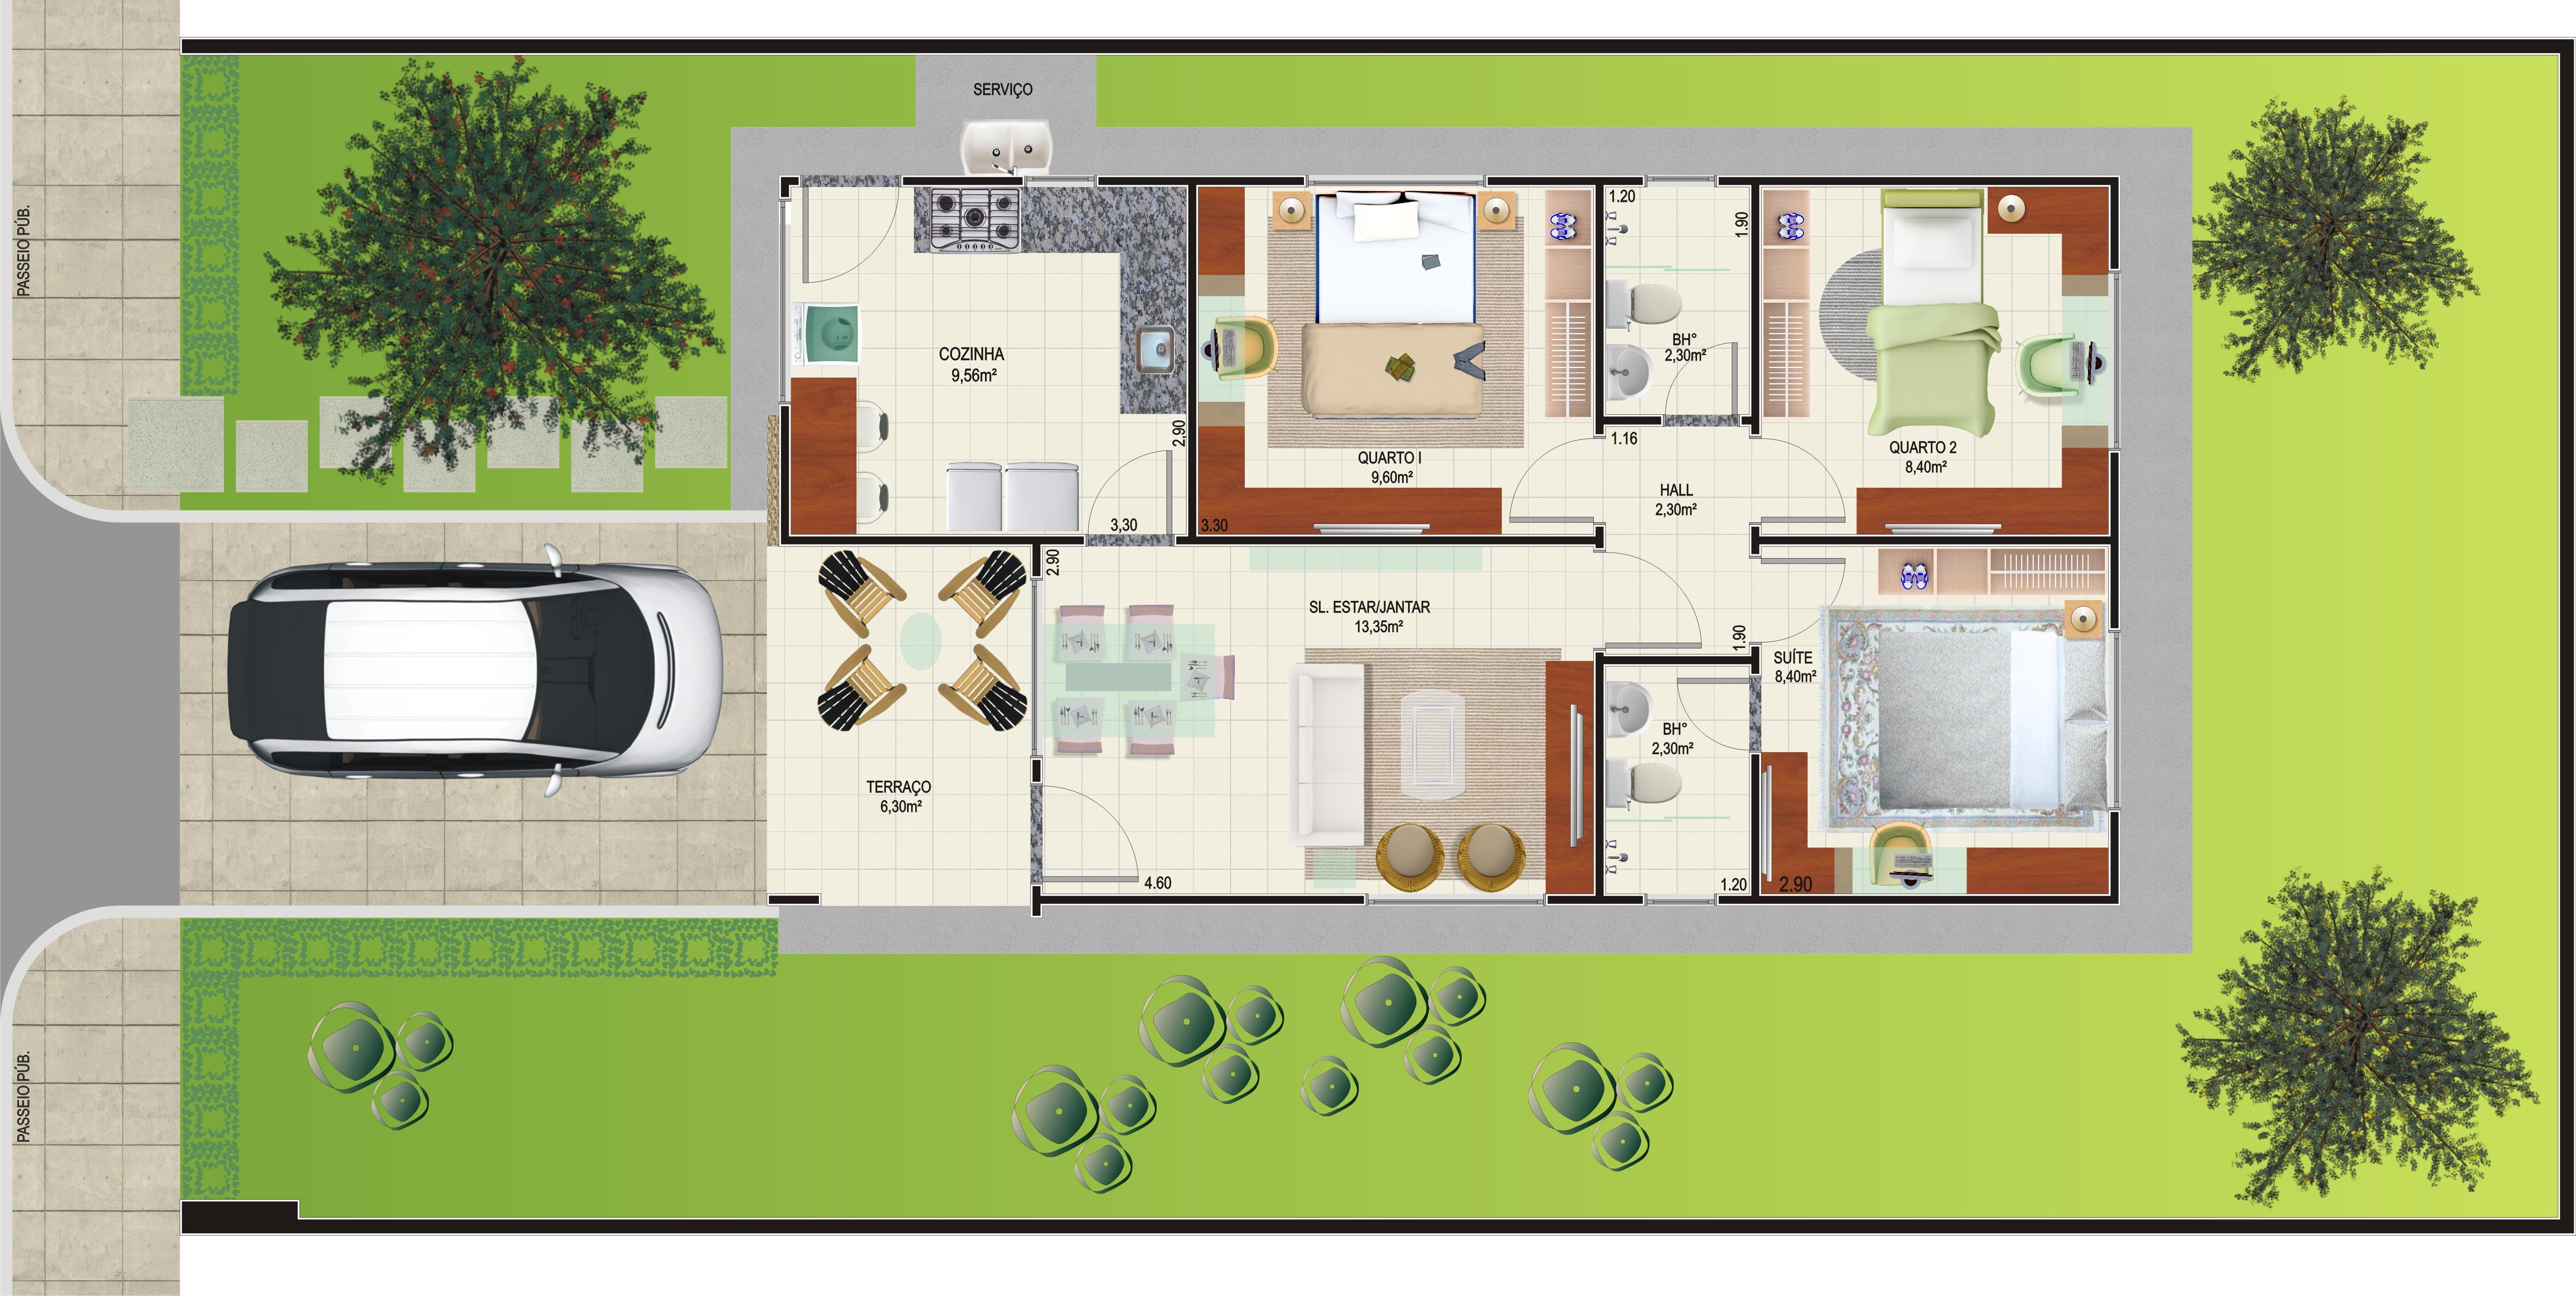 Plantas de casas com 3 quartos fotos decorando casas for Casa moderna 2 andares 3 quartos